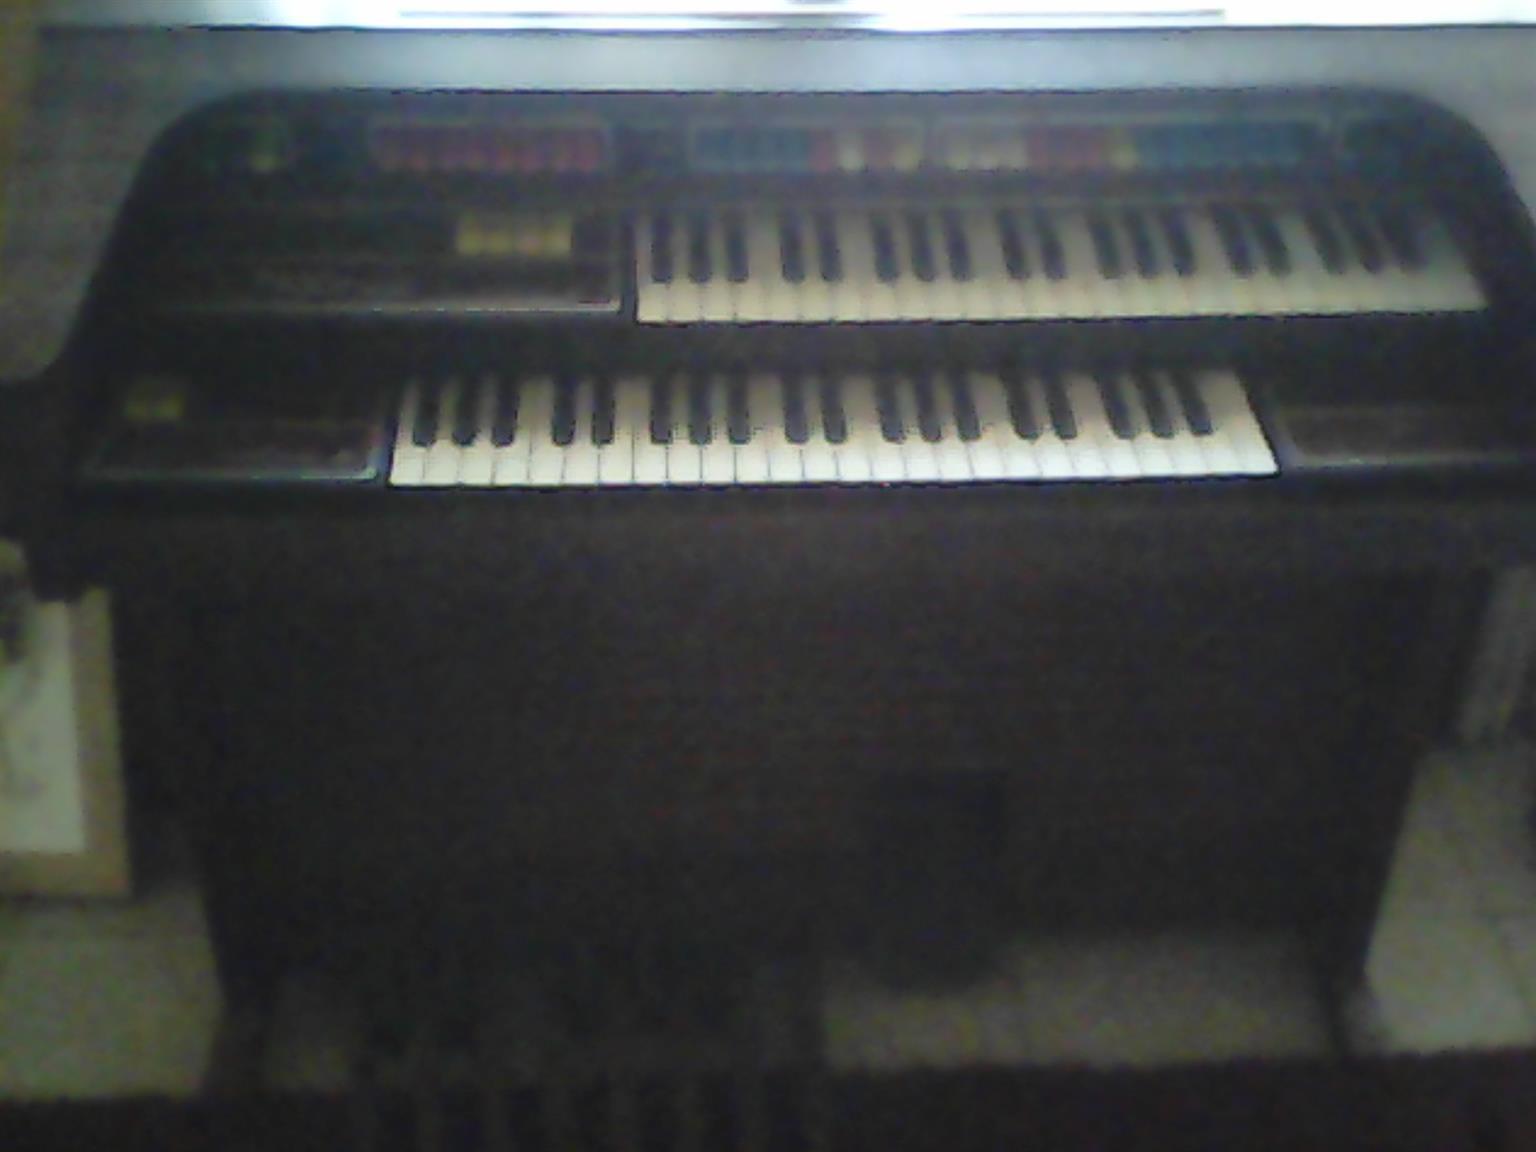 Thomas Playmate Organ